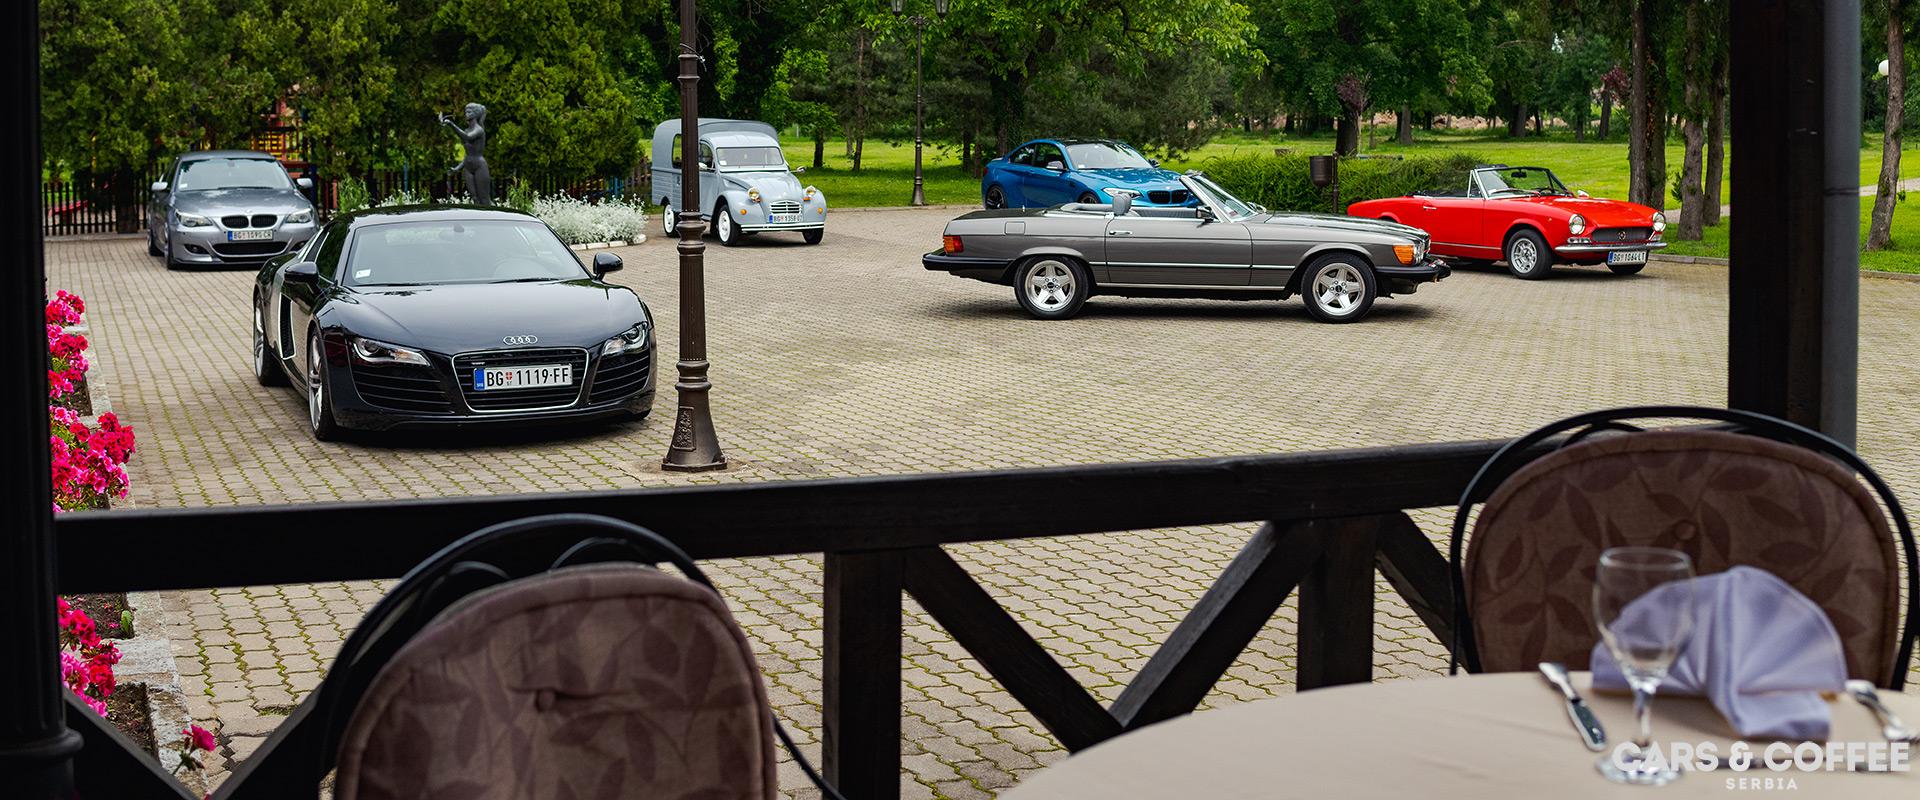 Cars & Coffee Serbia U organizaciji Autoslavia.com i Bud3.net, od maja 2019. godine Srbija je dobila Cars & Coffee susrete!